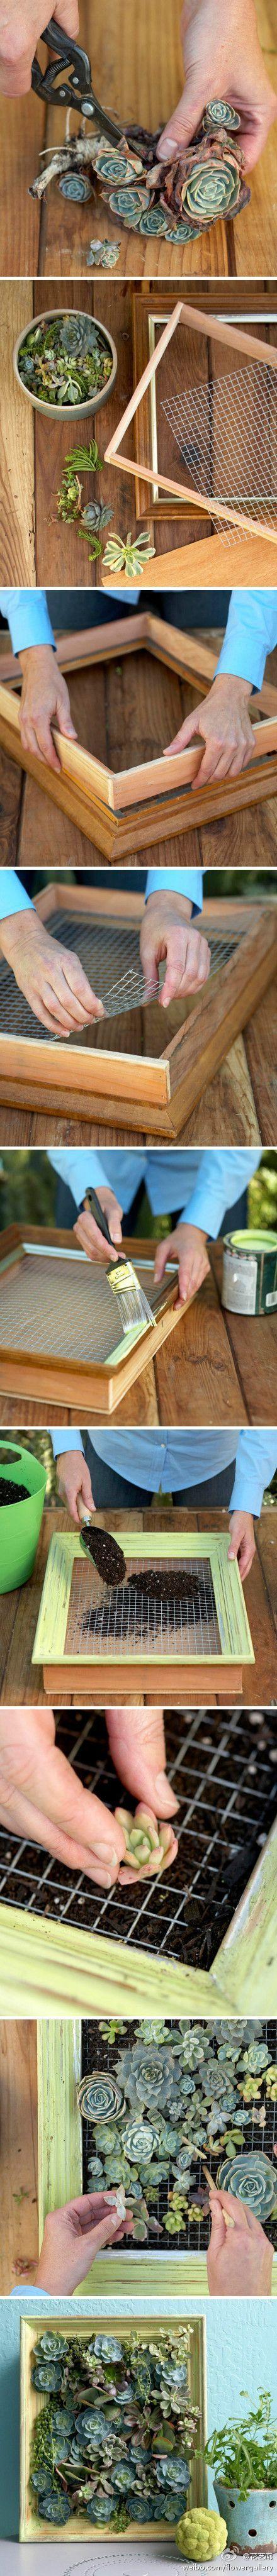 Olivilla-Olivilla: DIY:Deco con plantas. Algunas ideas para poner en tu casa